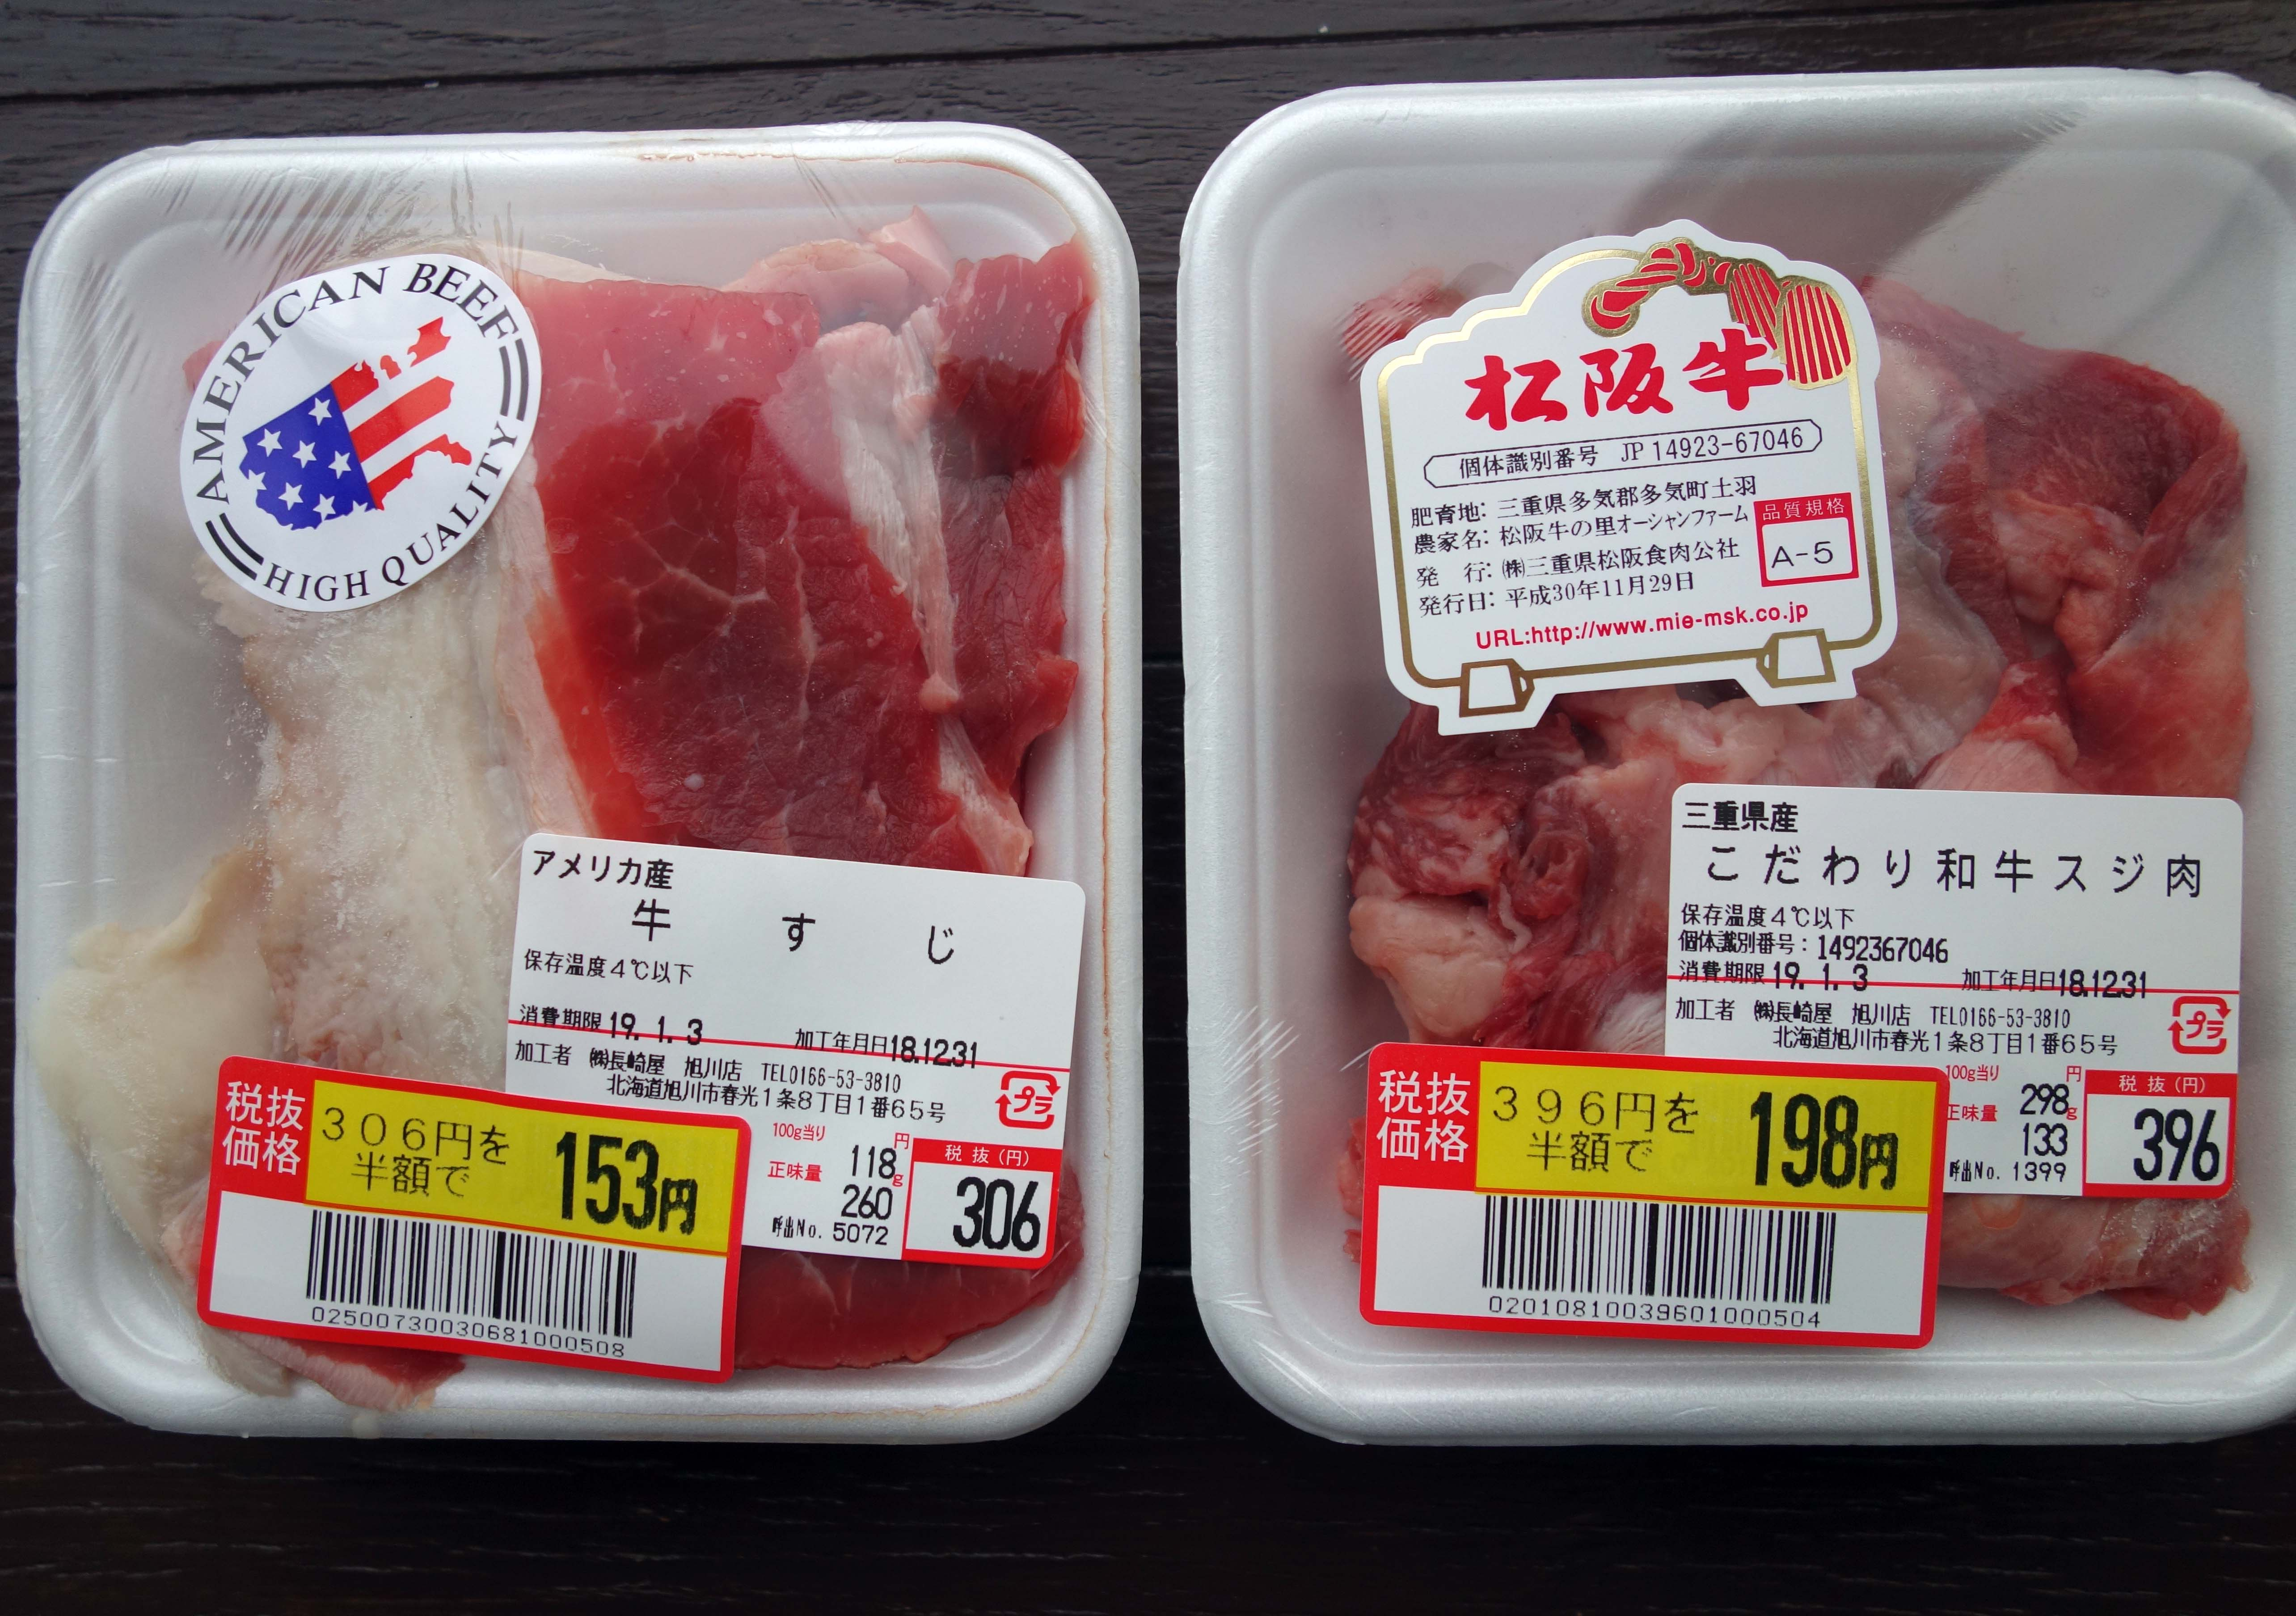 A5ランク松阪牛の牛すじがなんと198円!!アメリカ産牛すじ食べ比べてみた(牛すじ煮込み)